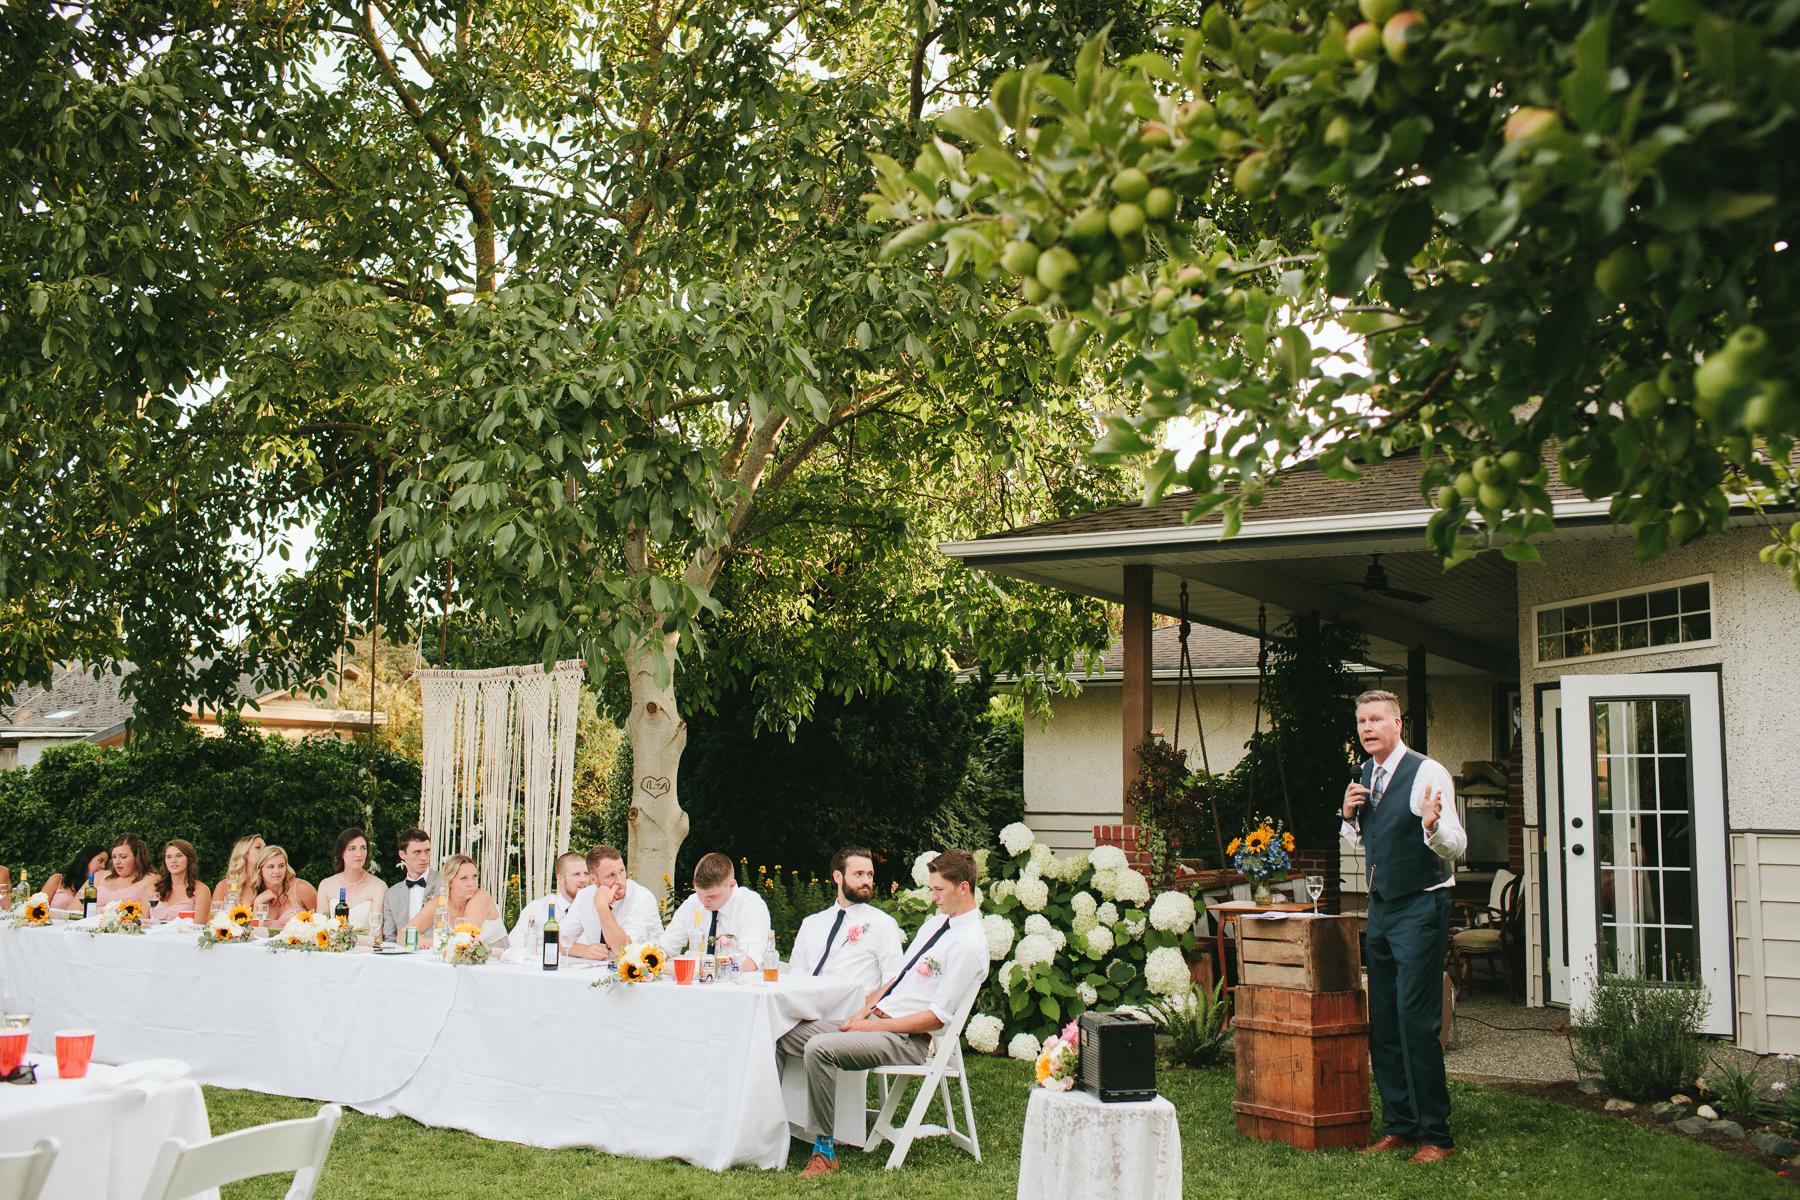 Vancouver-Rustic-Farm-Wedding-KB-184.jpg